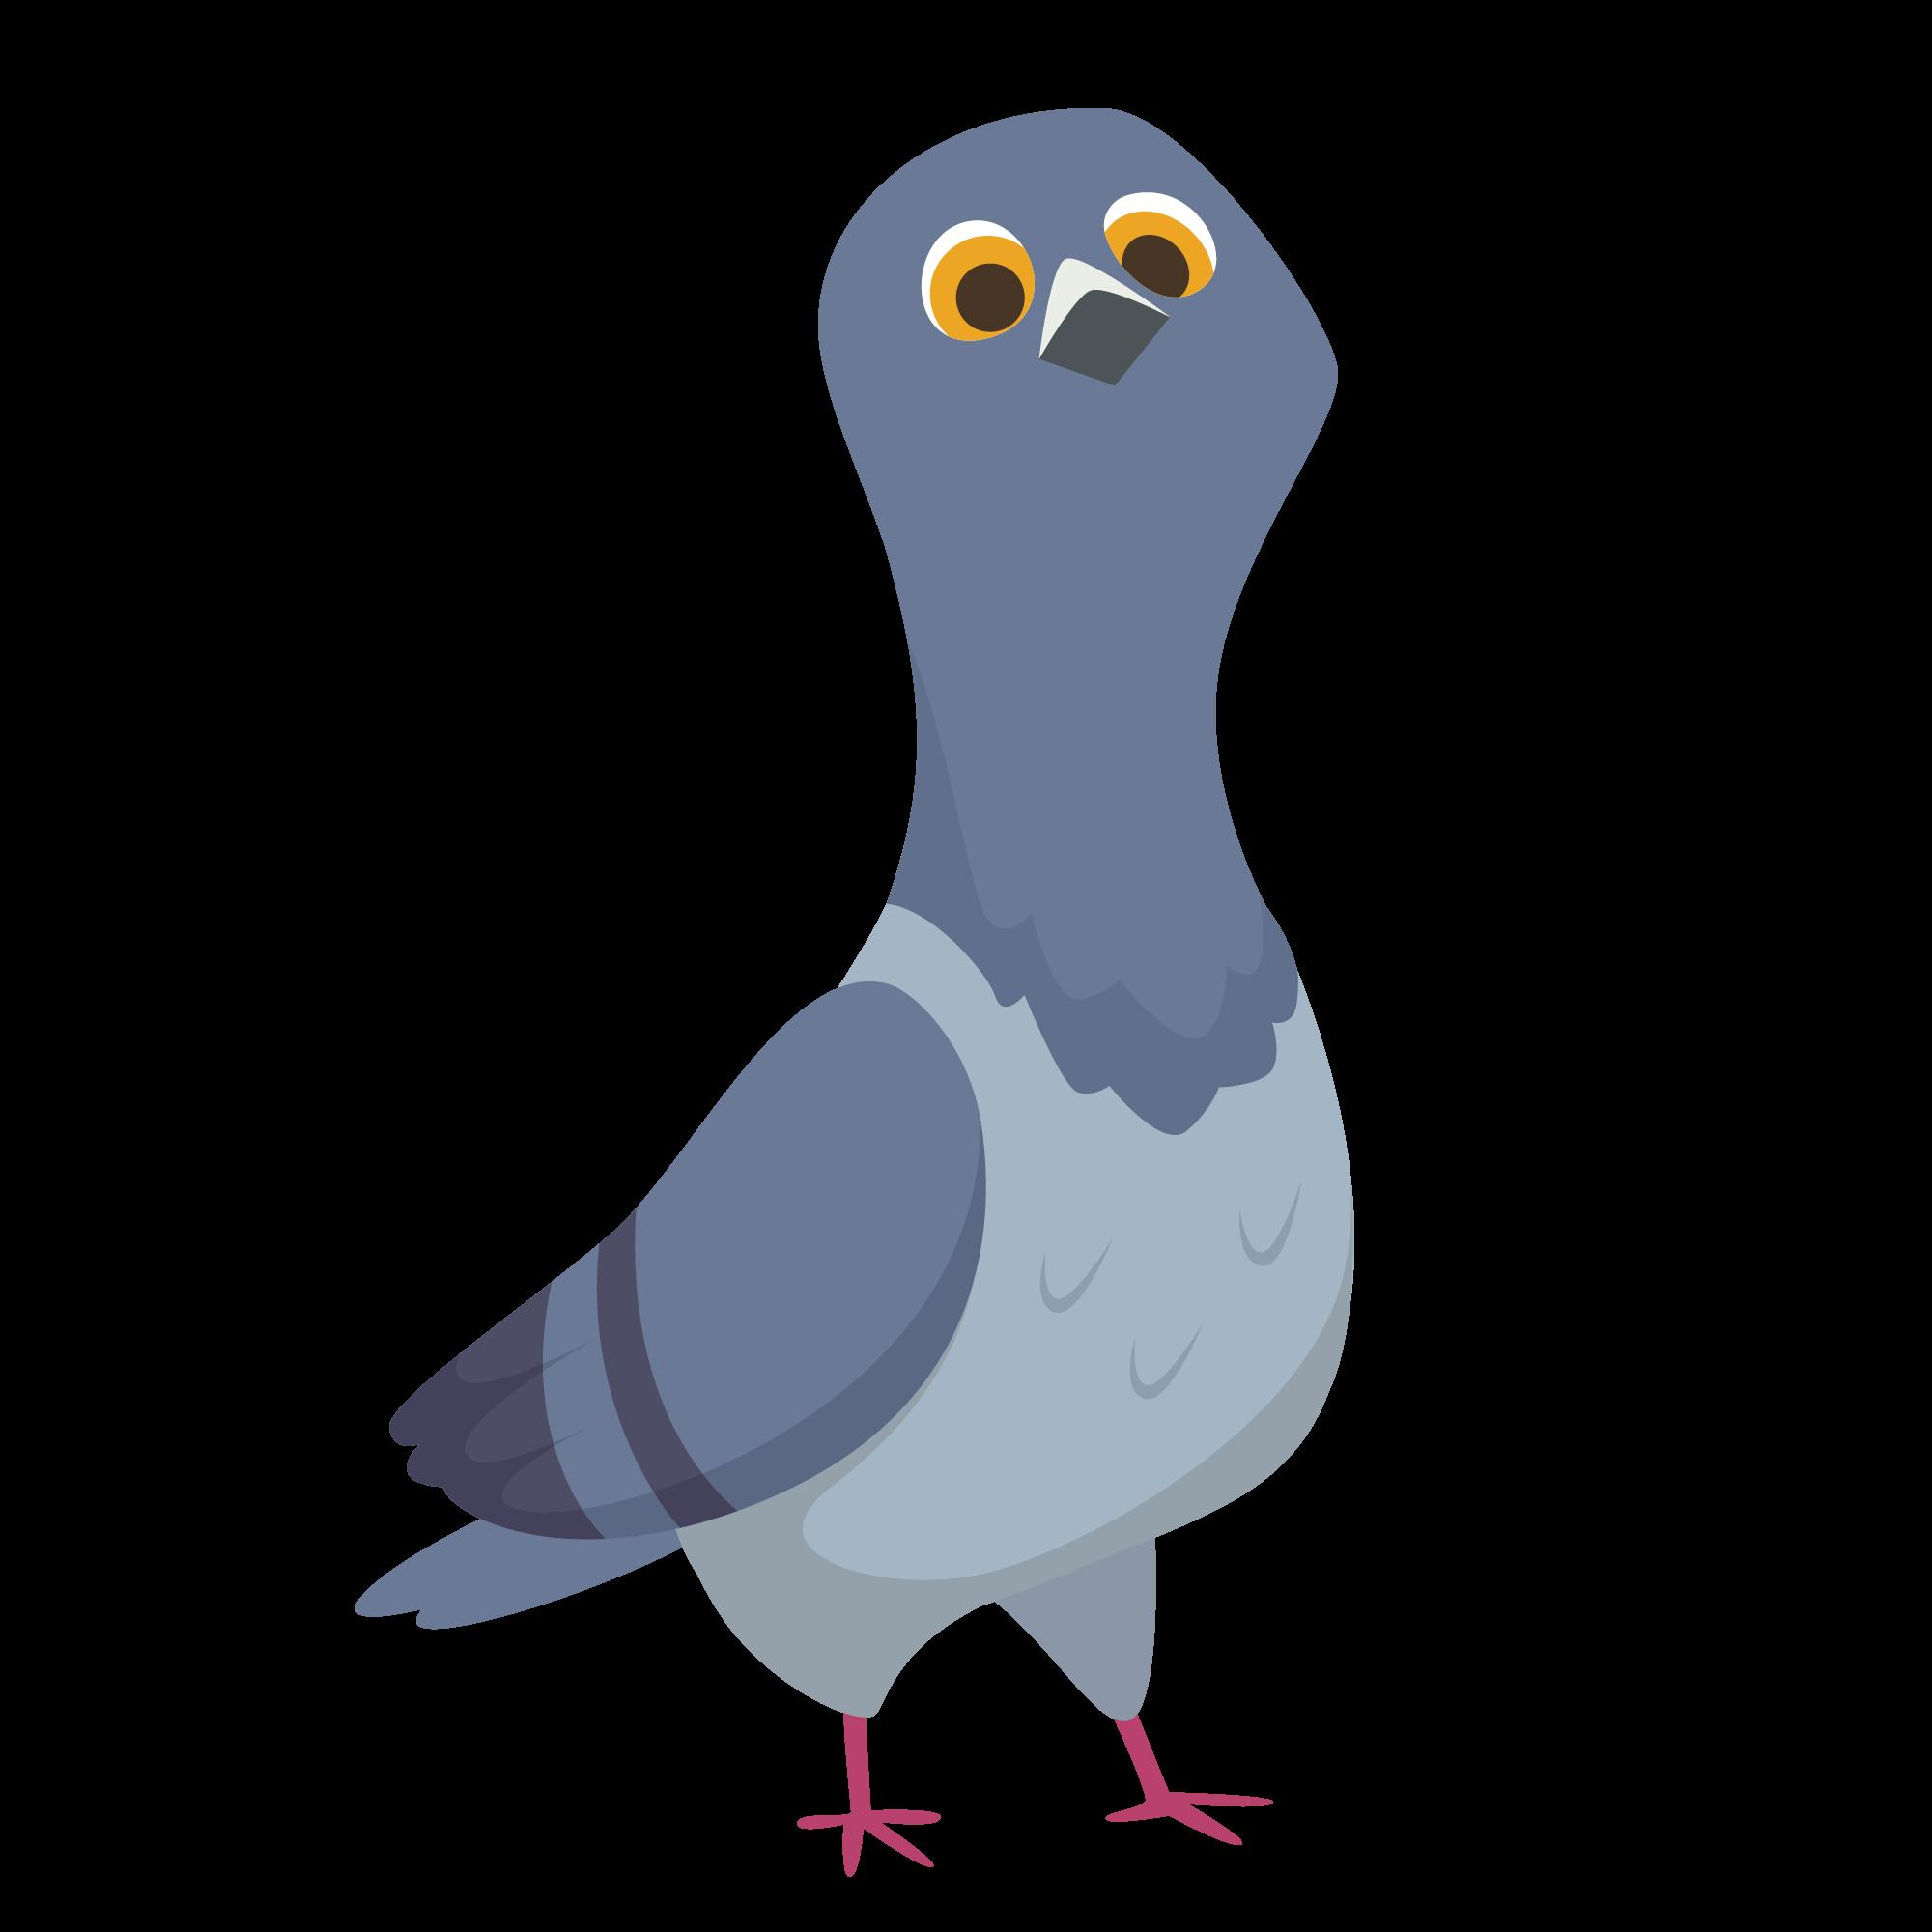 Blöd guckende Taube illustiriert